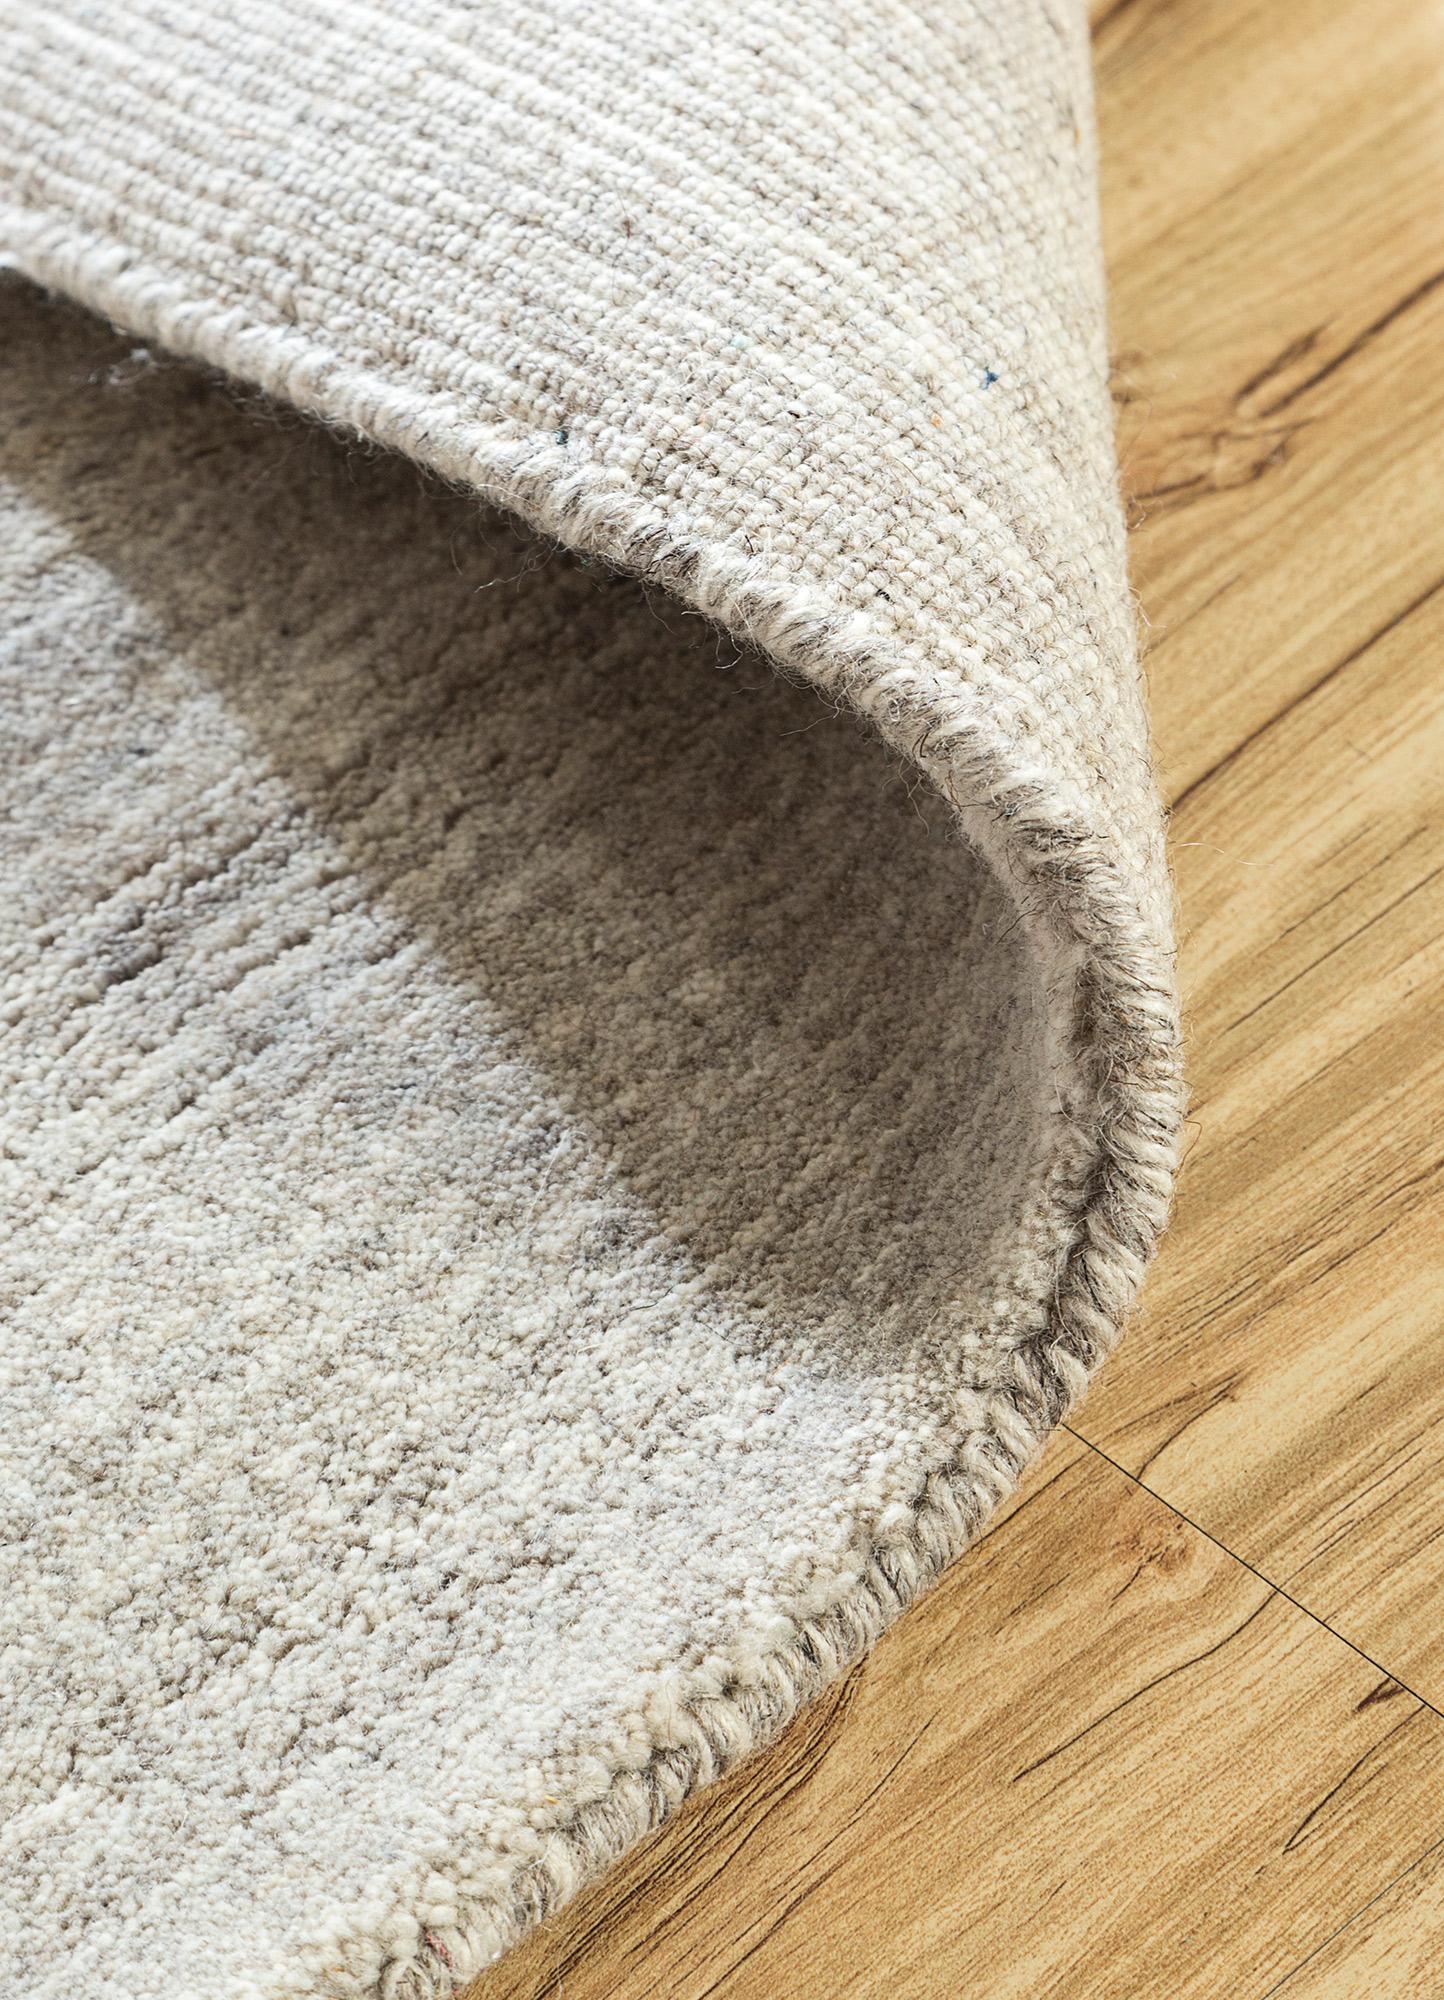 tesoro grey and black wool and viscose hand loom Rug - Loom